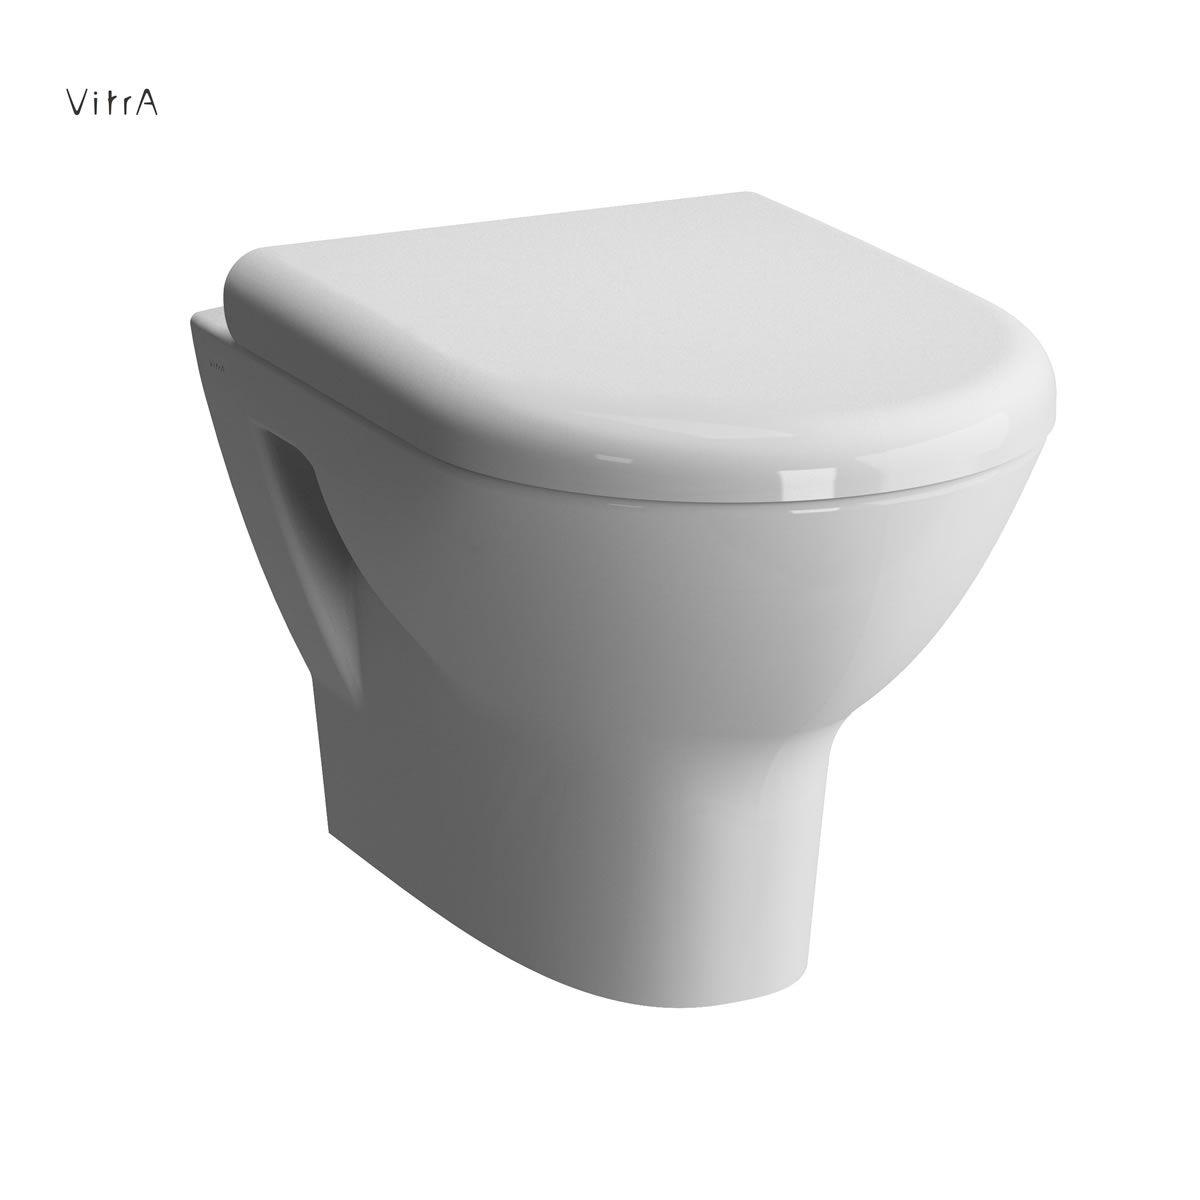 Miska WC wisząca + deska wolnoopadająca Vitra Zentrum 5785B003-0075+94-003-009